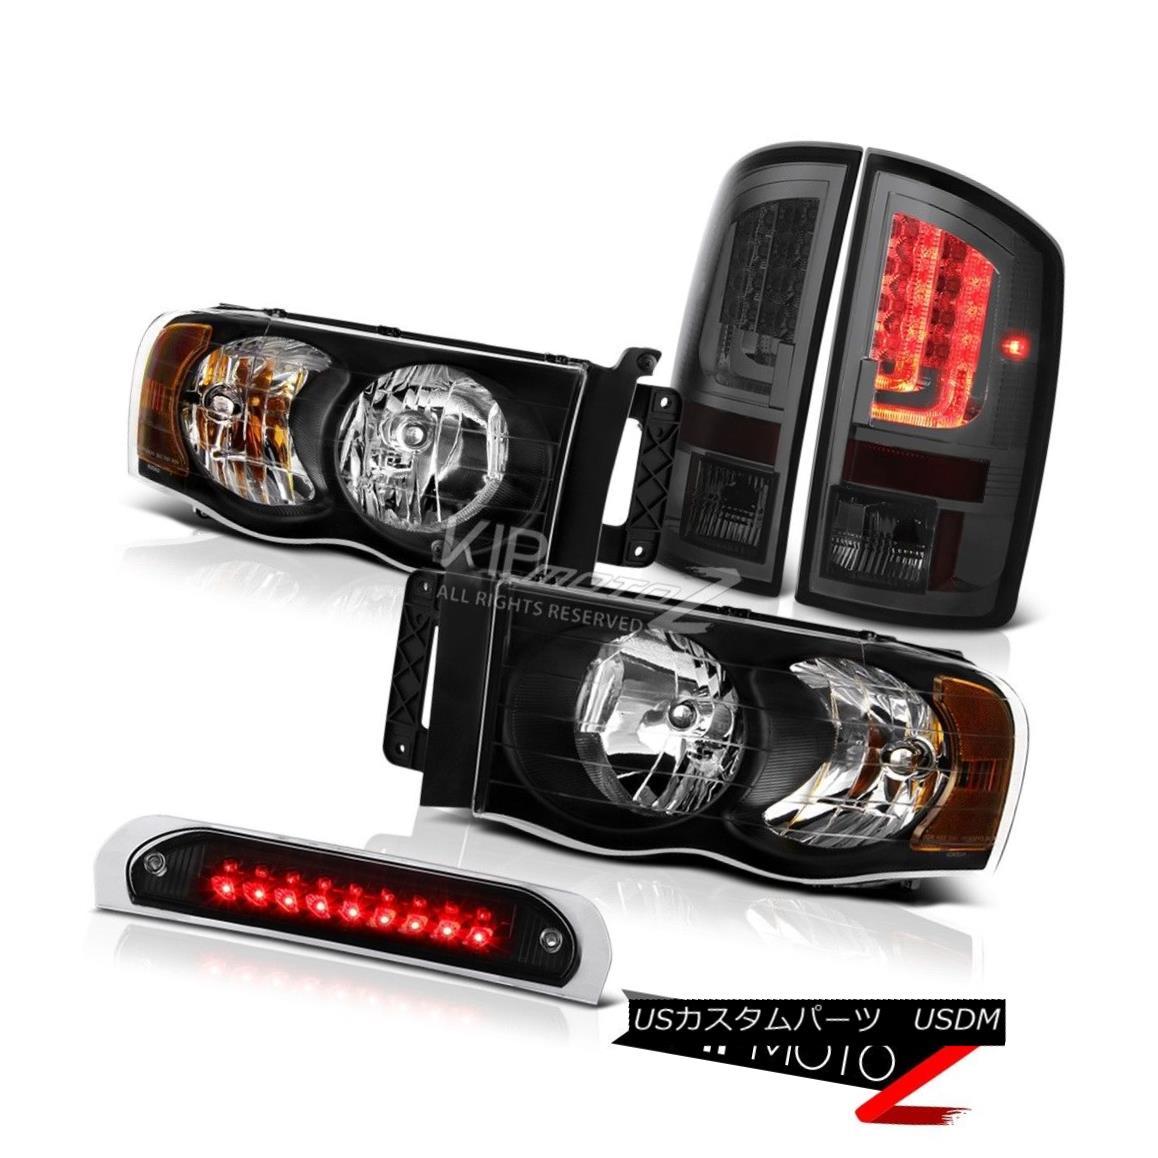 テールライト 2002-2005 Dodge Ram 1500 5.7L Smokey Tail Lamps Black Third Brake Lamp Headlamps 2002-2005ダッジラム1500 5.7Lスモーキーテールランプブラック第3ブレーキランプヘッドランプ